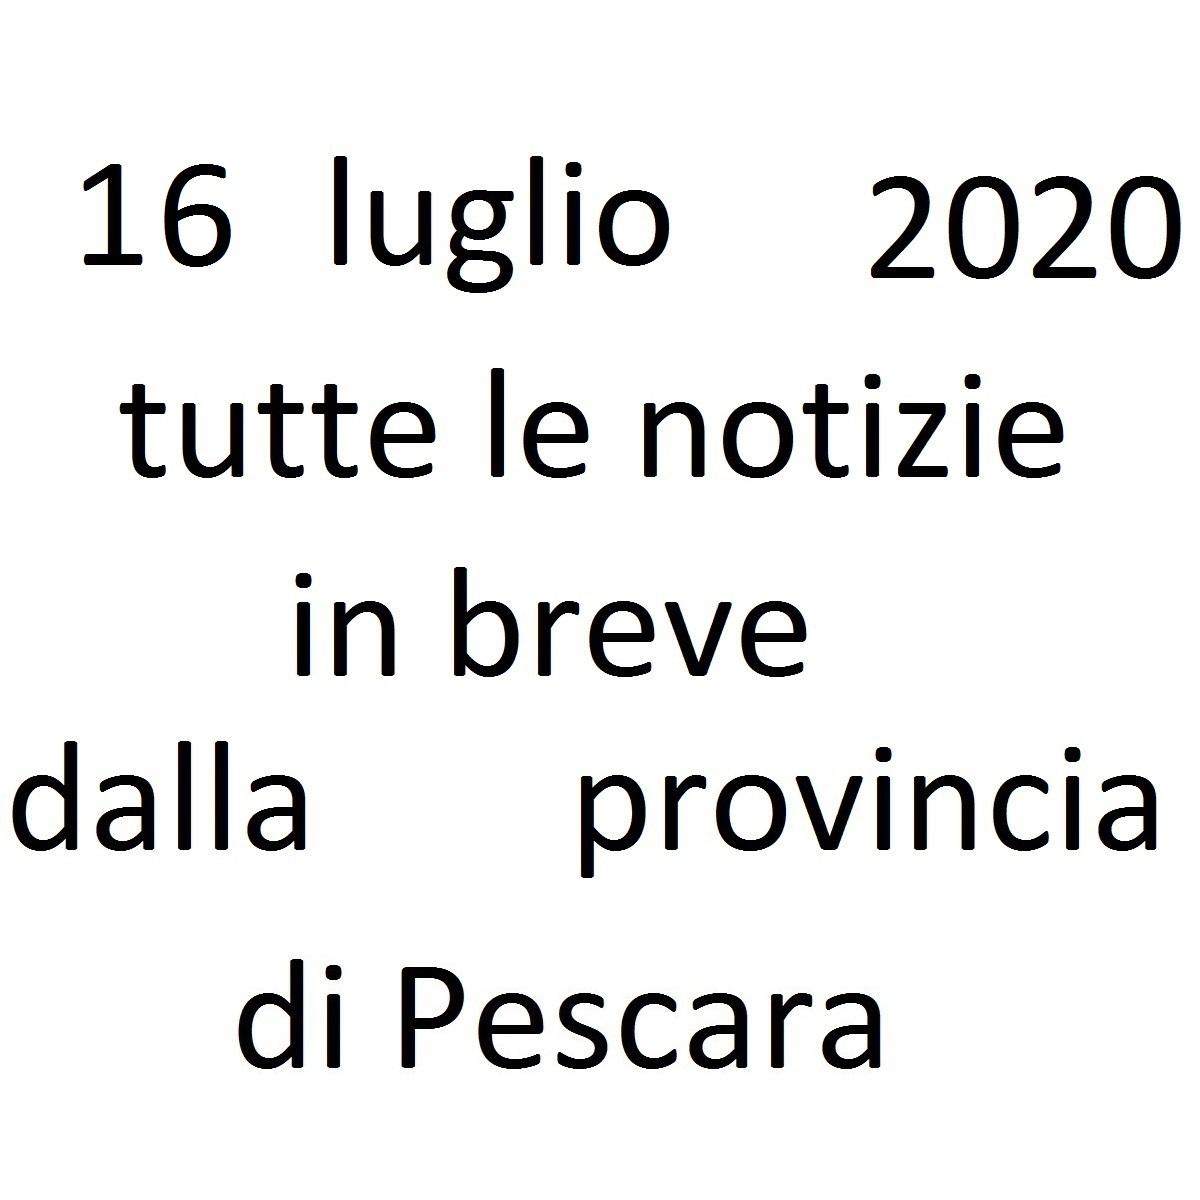 16 luglio 2020 notizie in breve dalla Provincia di Pescara foto